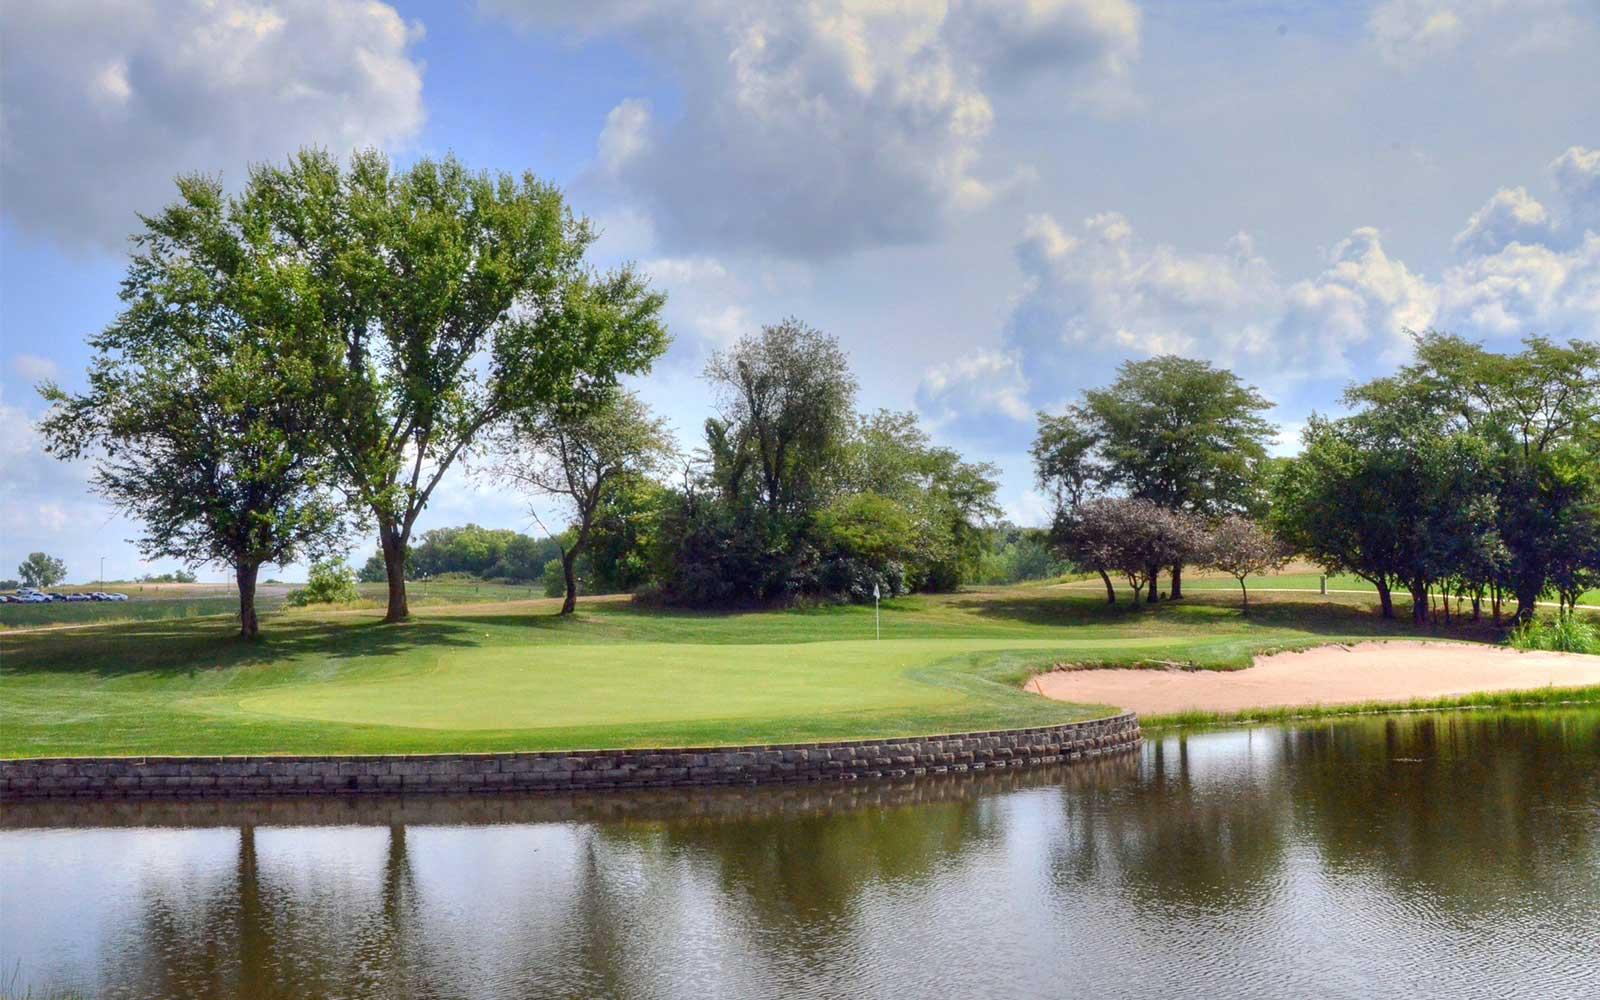 Mozingo-Lake-Recreational-Park-Golf-Course,-Maryville,-MO-Lake